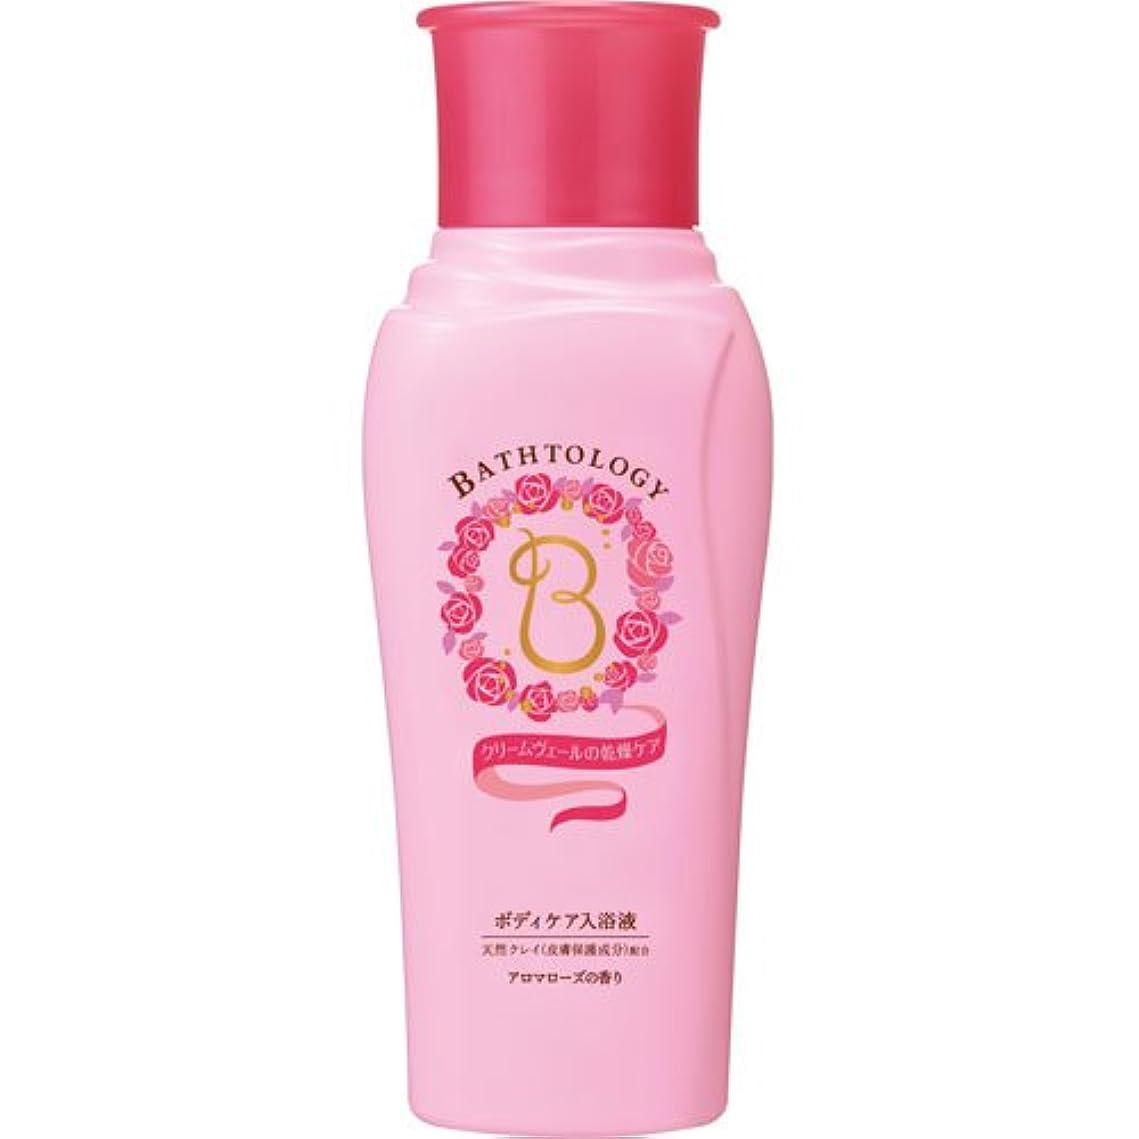 せがむチェリー無限大BATHTOLOGY ボディケア入浴液 アロマローズの香り 本体 450mL